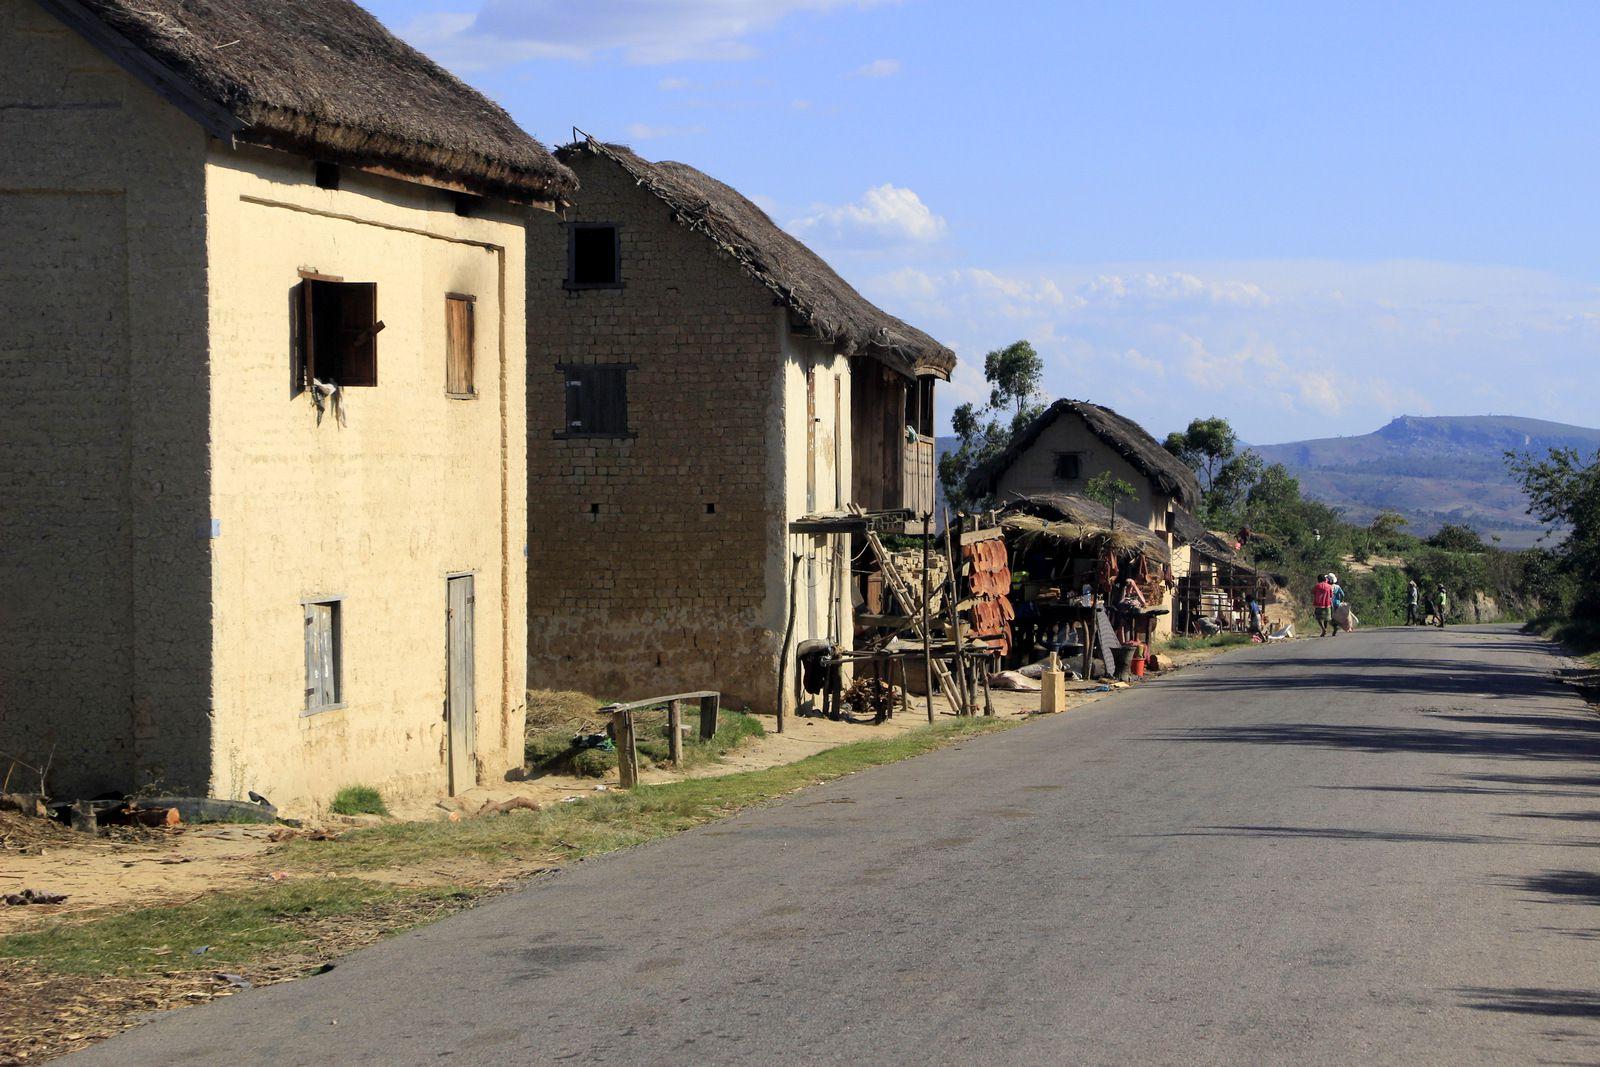 COMPTE-RENDU DU VOYAGE À MADAGASCAR DU 1er au 23 DÉCEMBRE 2019. HÉLÈNE ET PATRICK P ET ALAIN S (dernière partie)